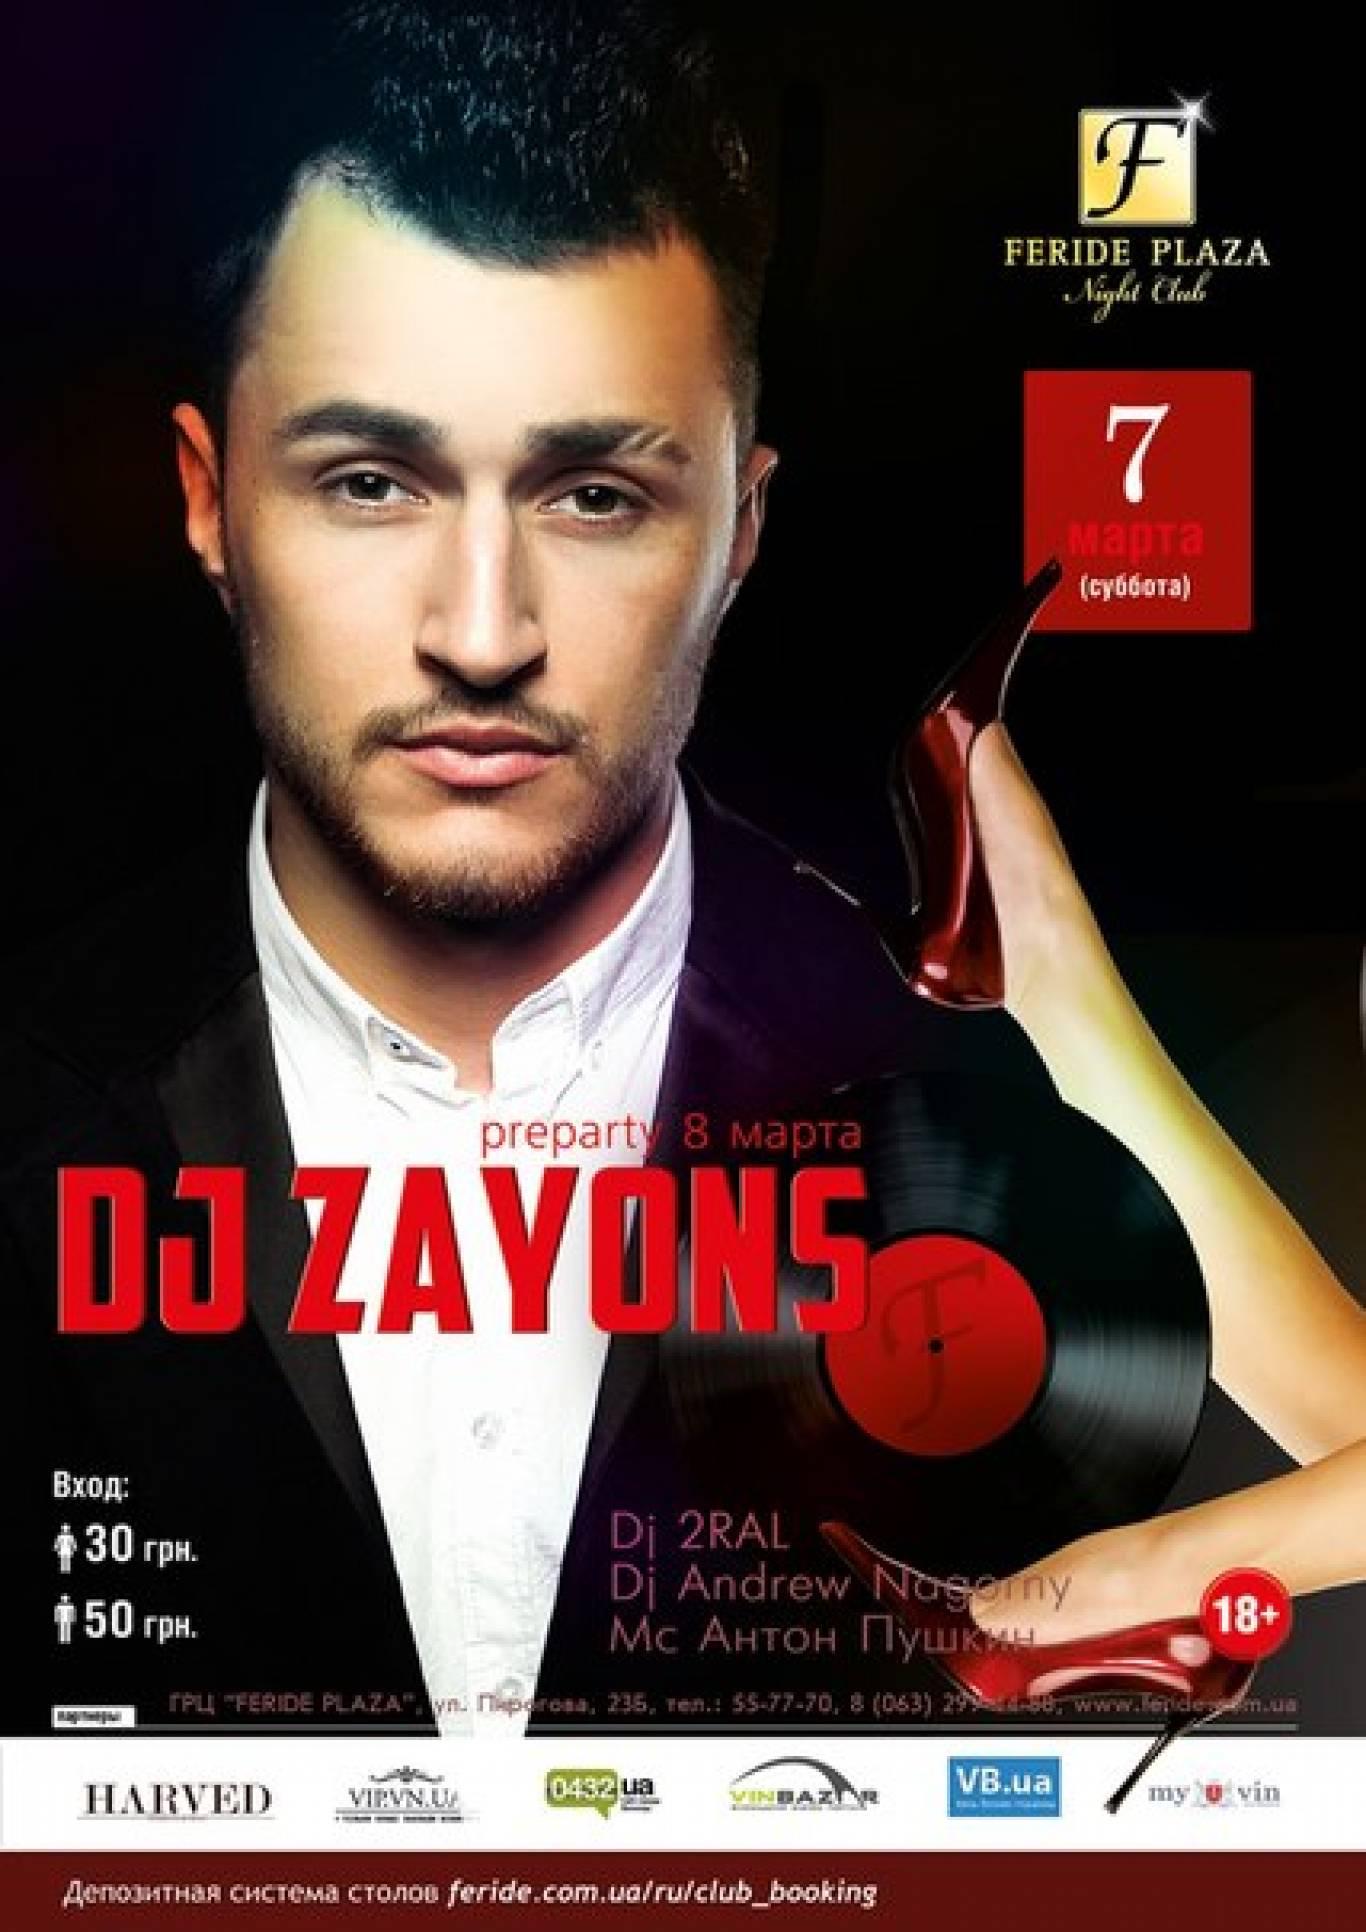 DJ Zayons у Feride